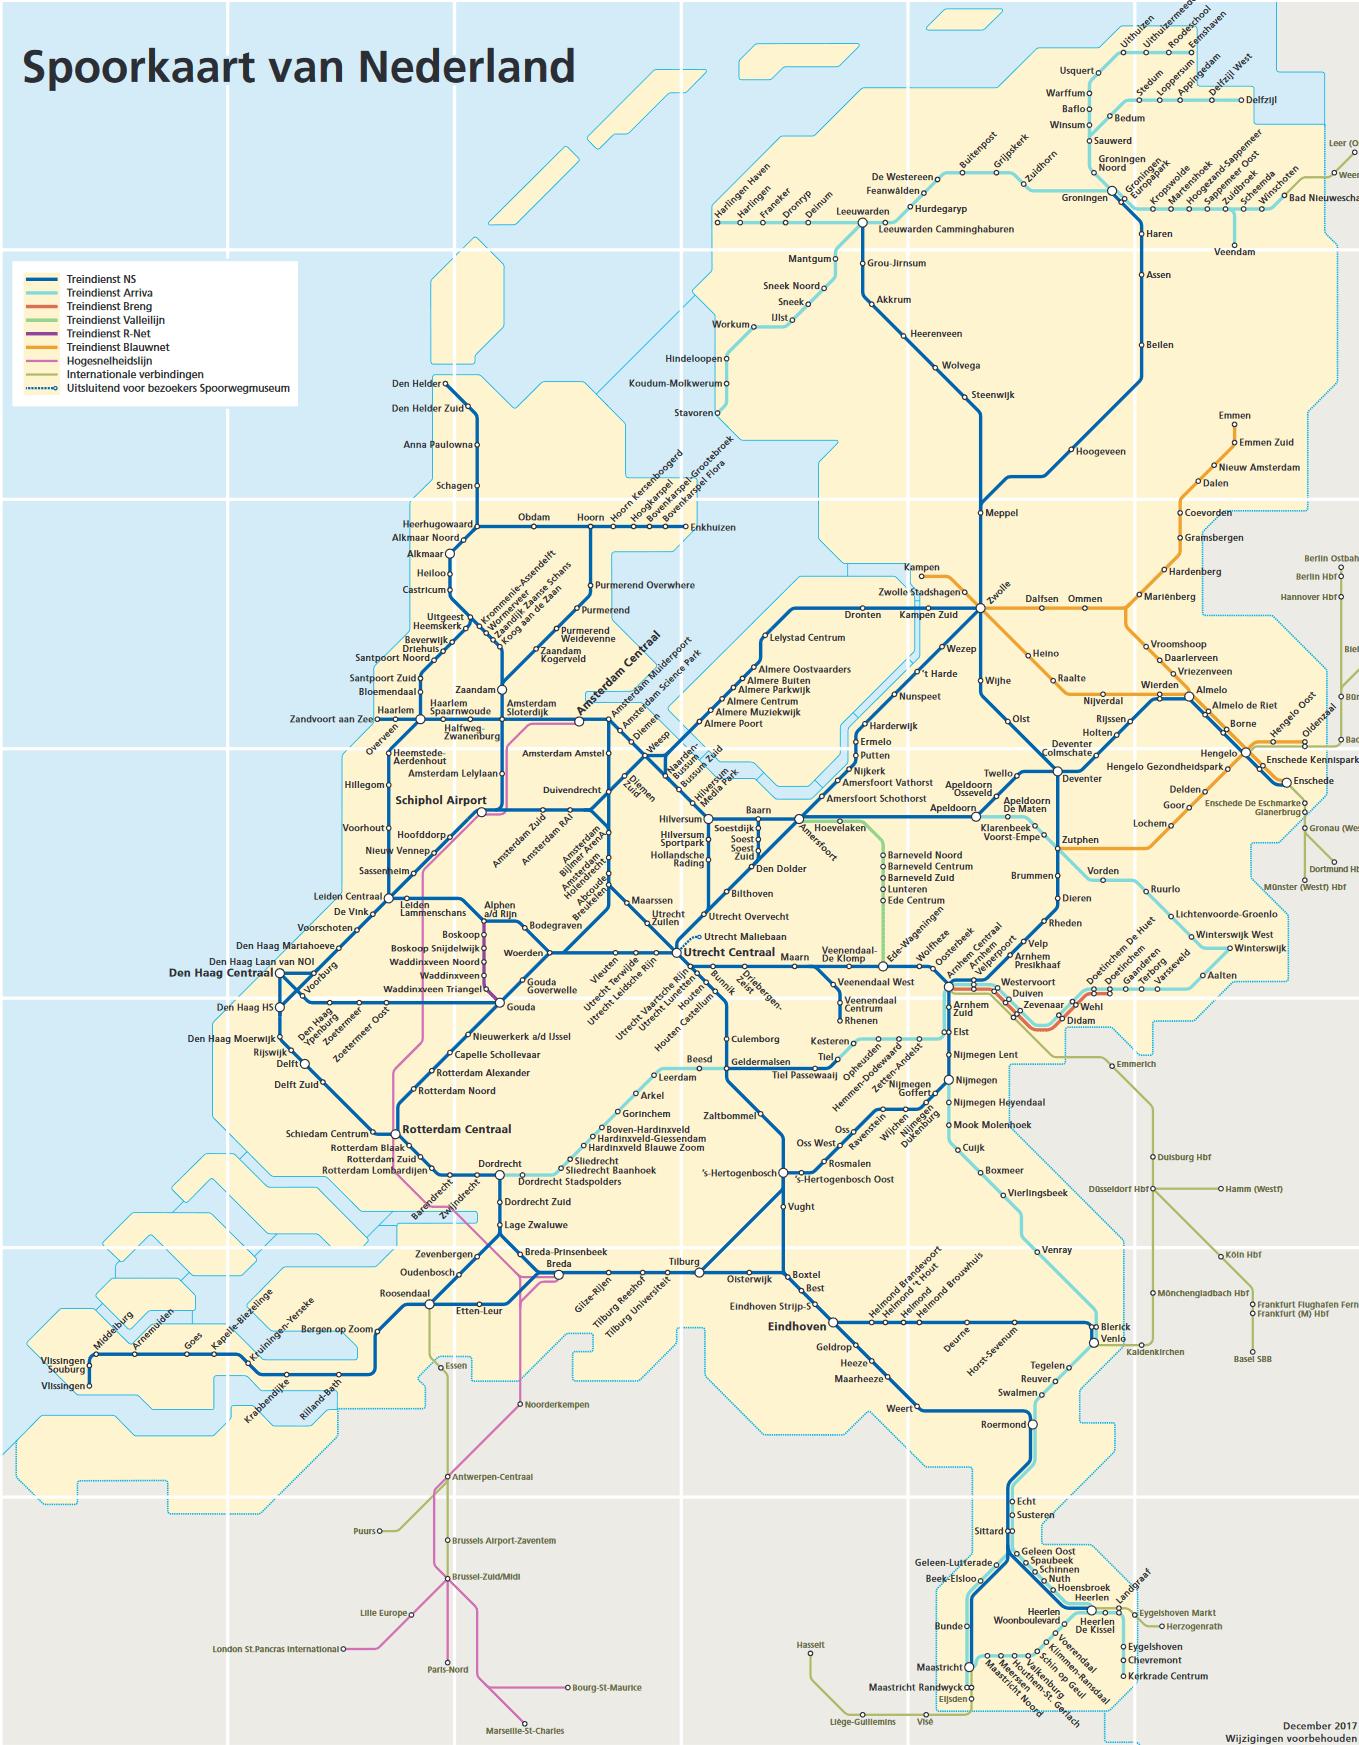 Spoorkaart van Nederland